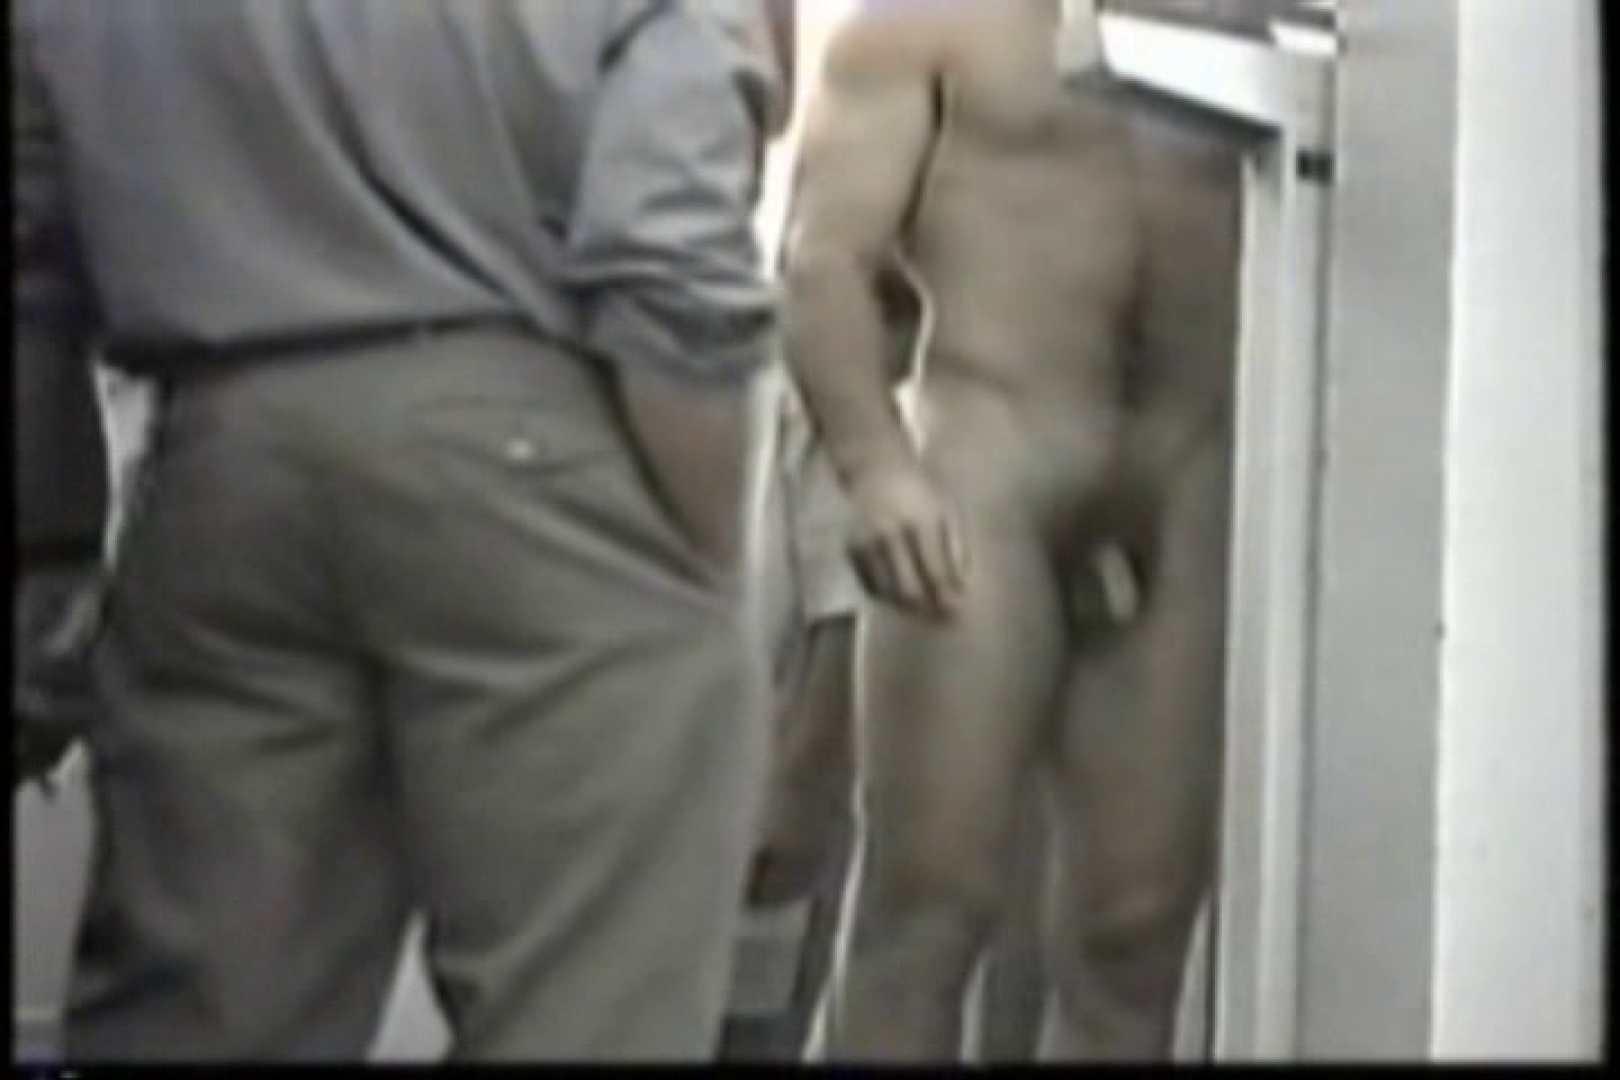 洋人さんの脱衣所を覗いてみました。VOL.6 のぞき特集 ゲイアダルト画像 102枚 58